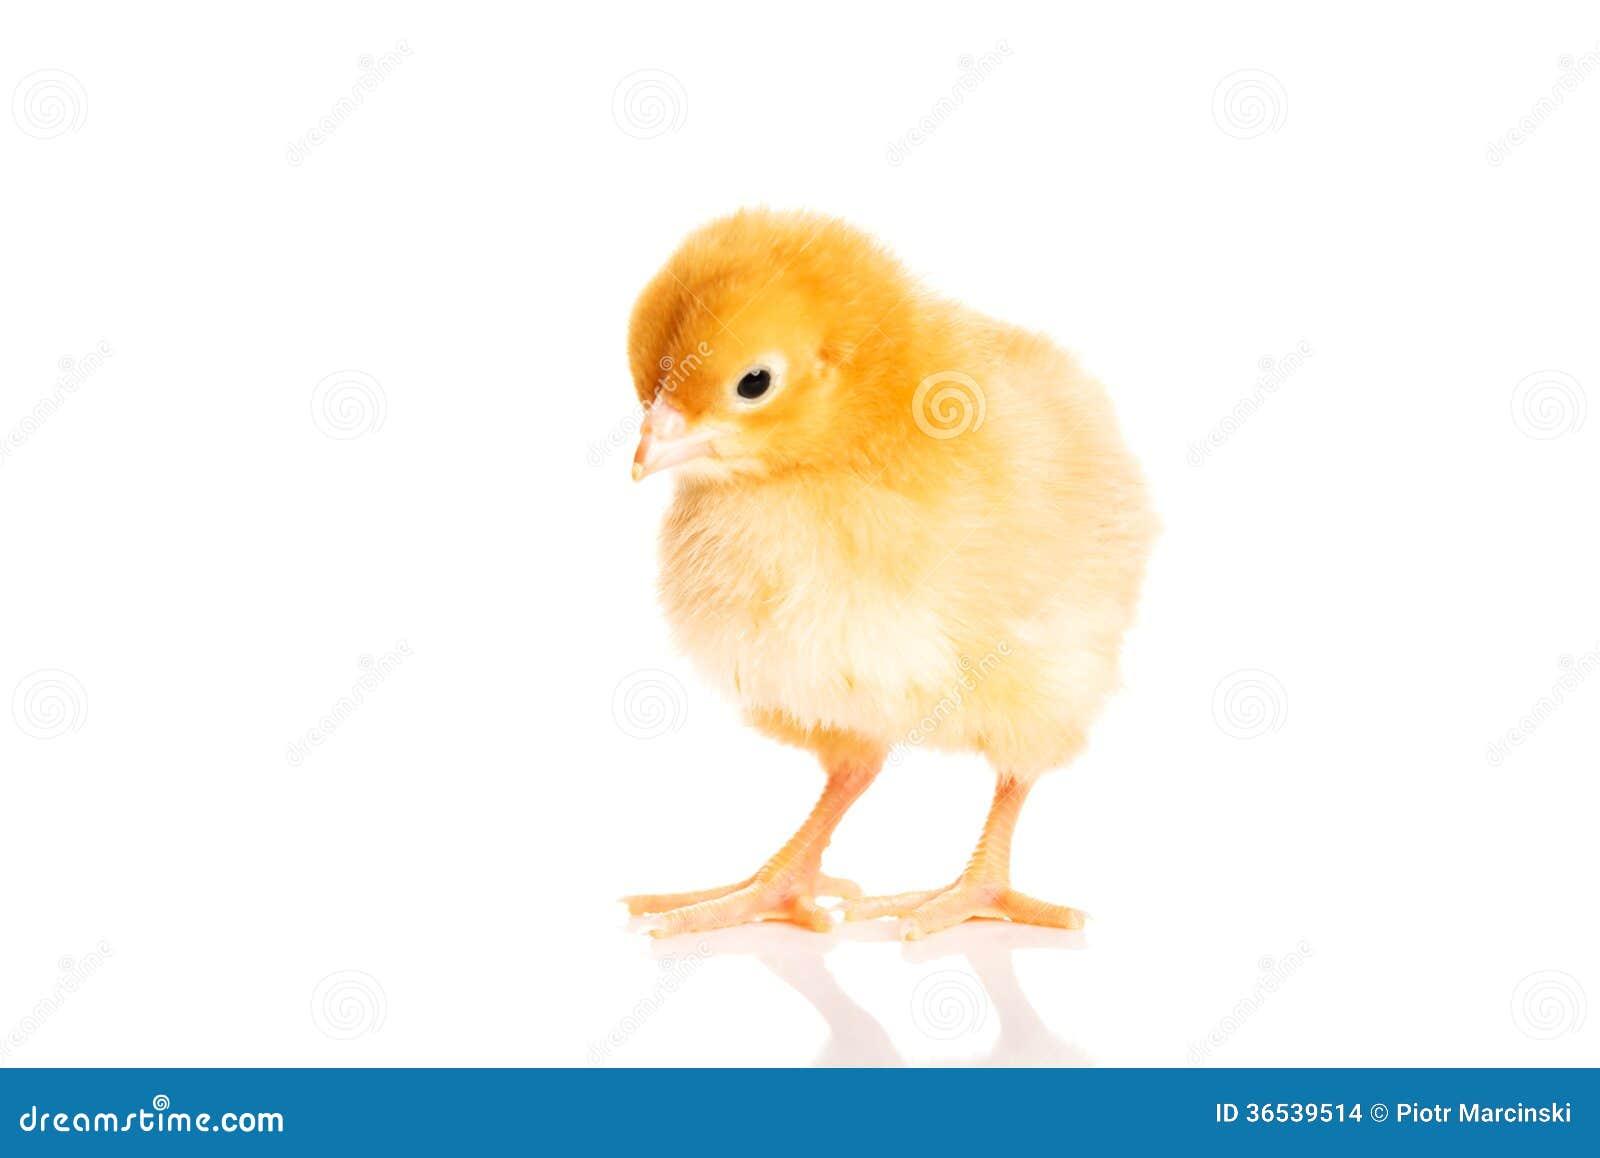 Mały żółty Wielkanocny kurczątko.